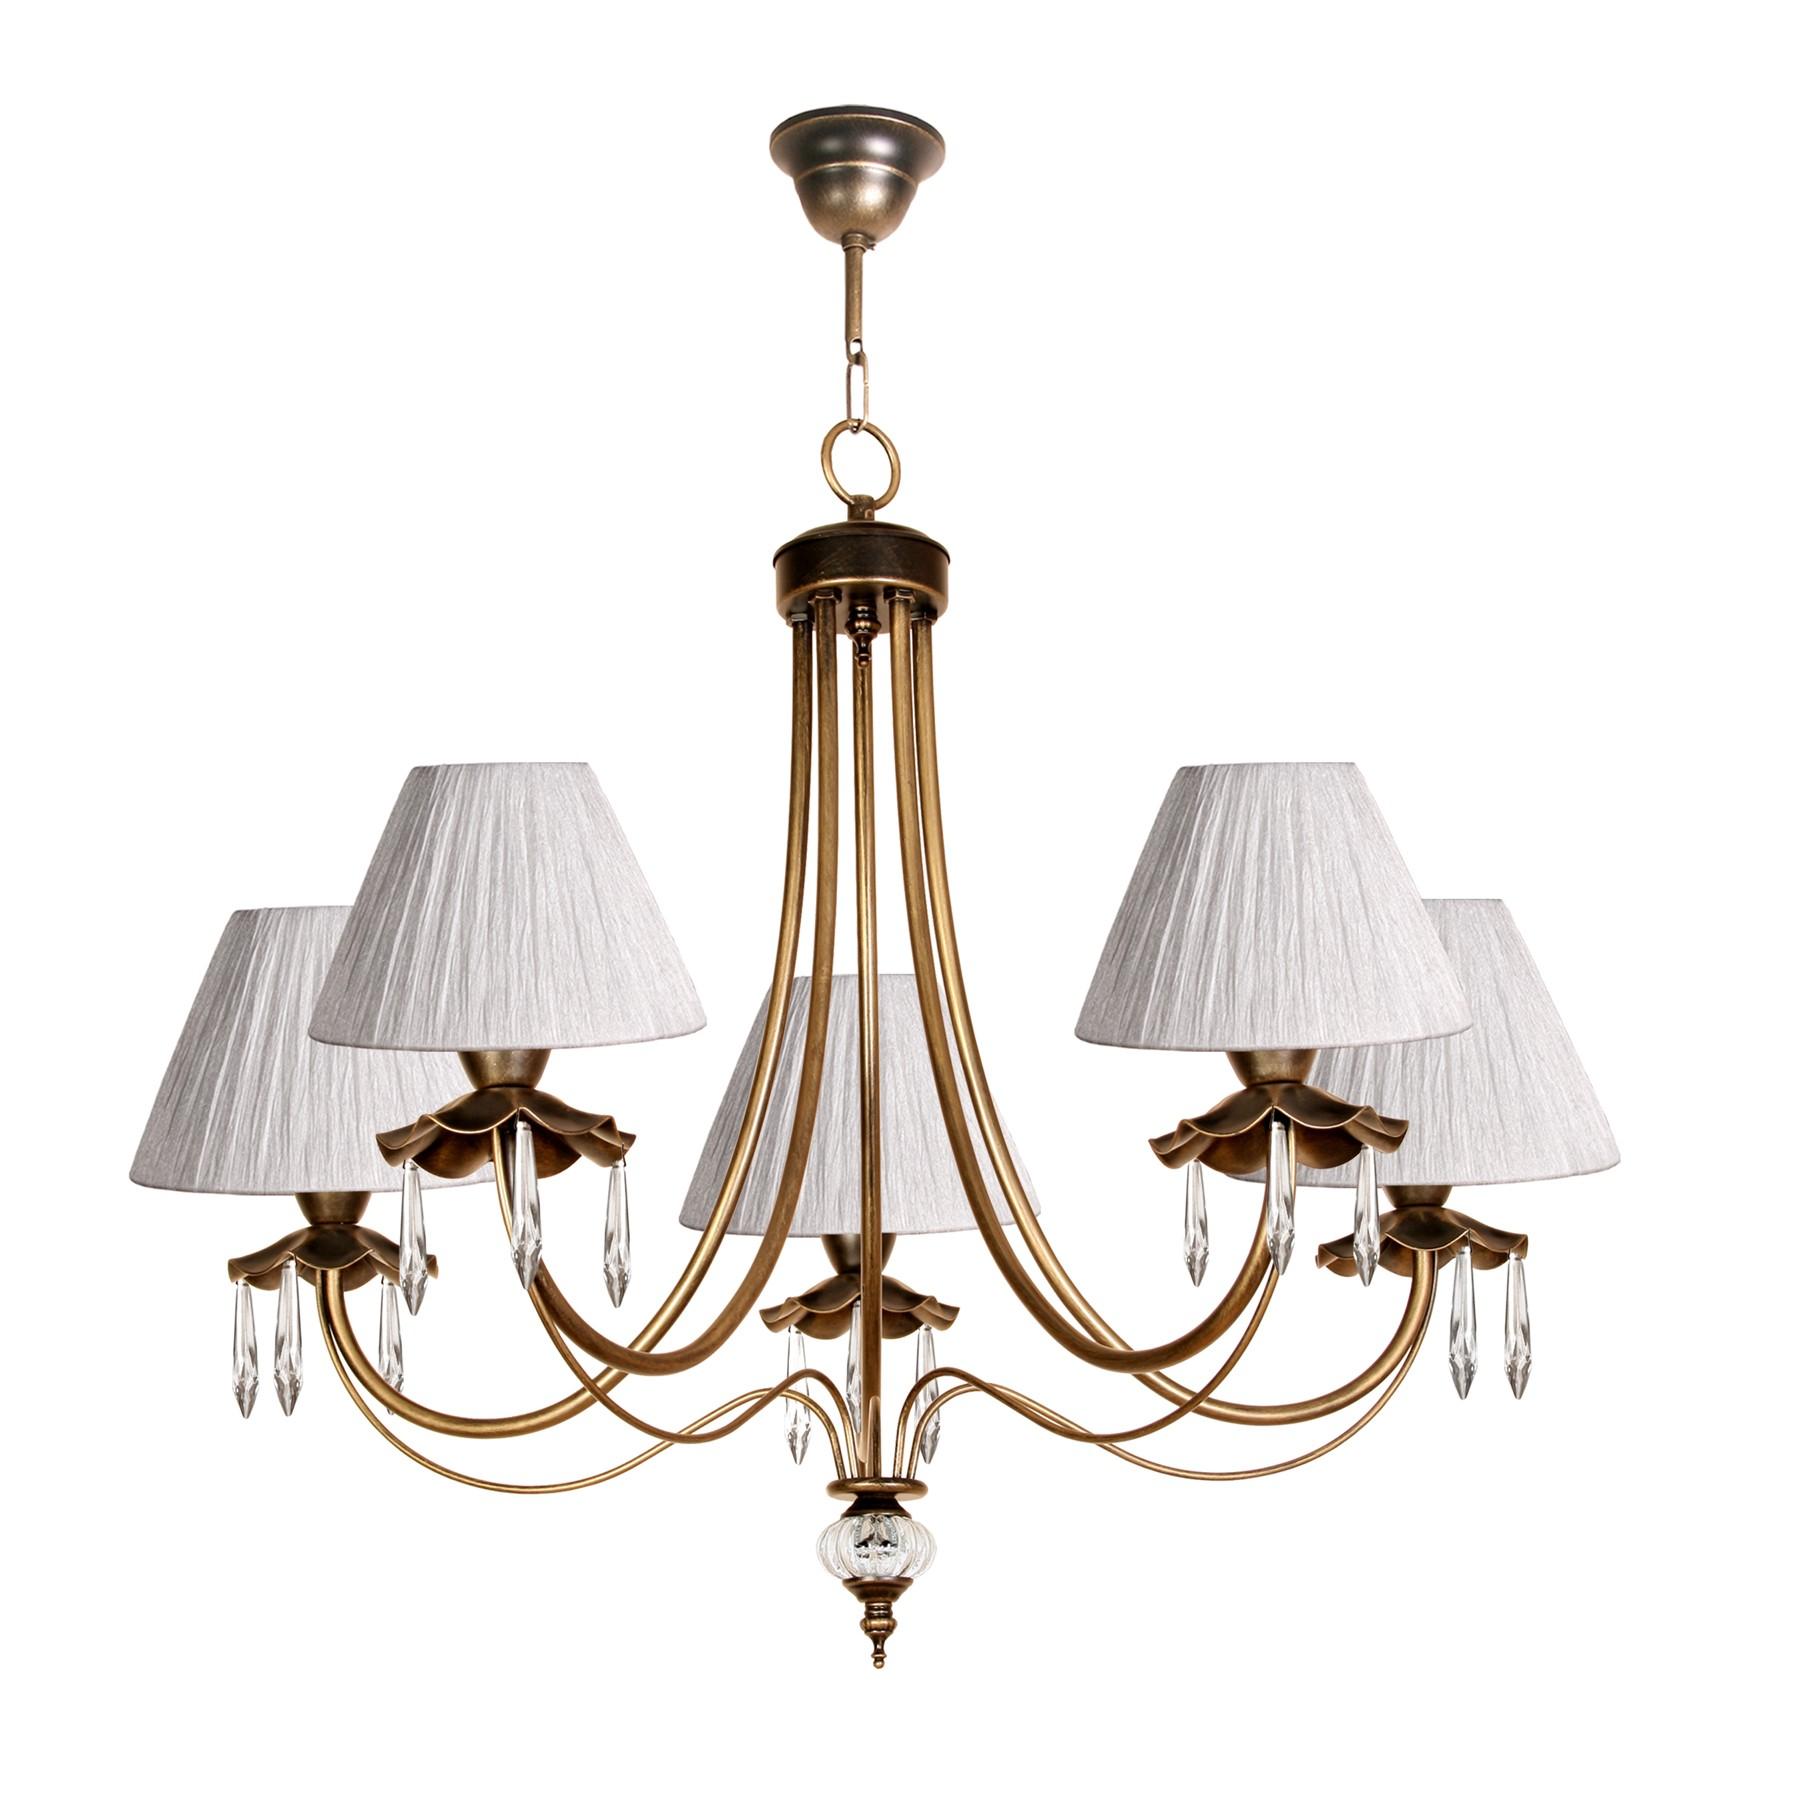 L mpara de techo cl sica de estilo rom ntico modelo nut for Modelos de lamparas